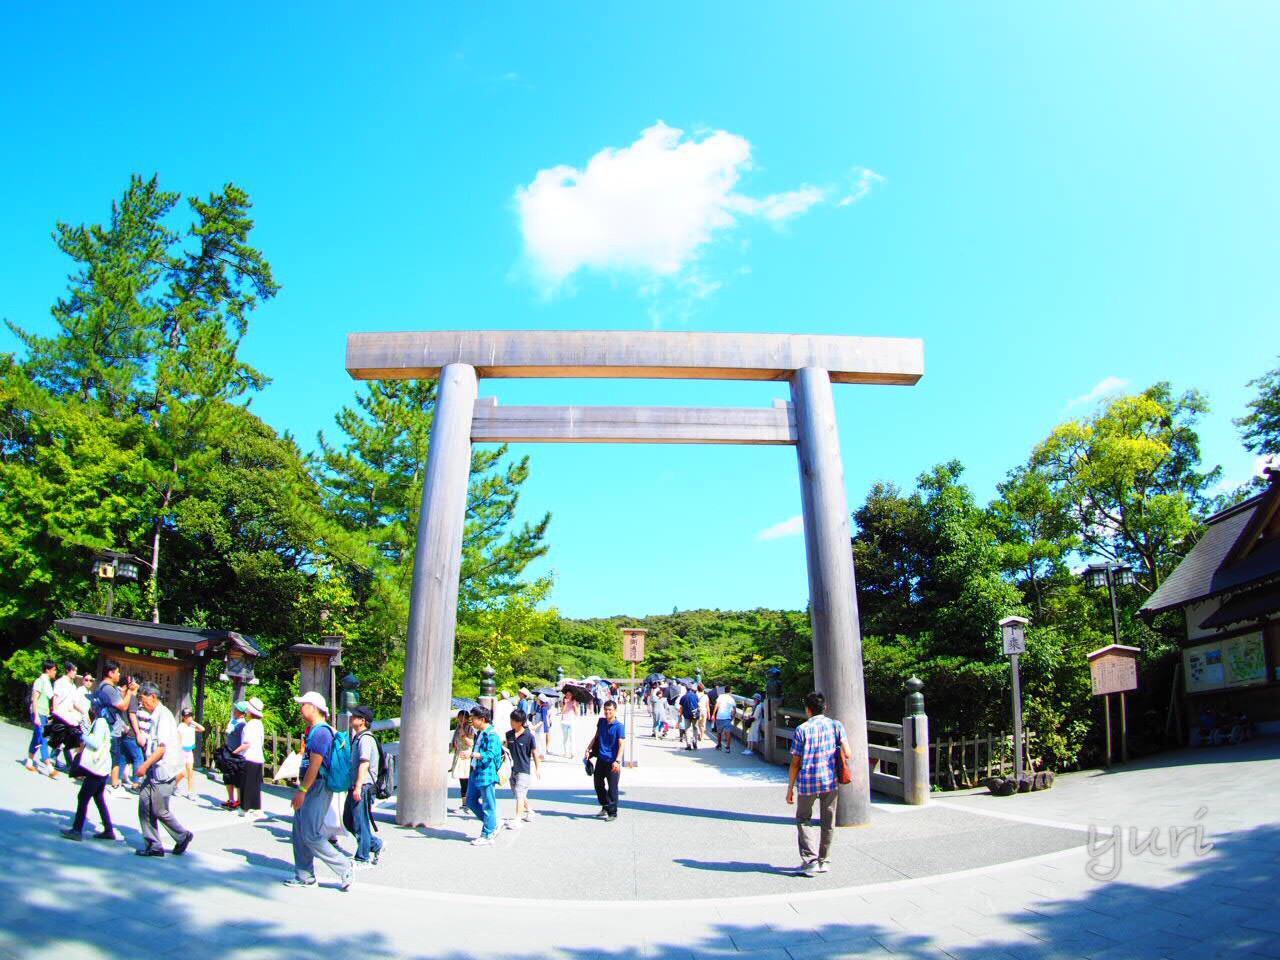 次の夏の女子旅はここで!素敵な伊勢フォトジェニック旅に行ってきた!